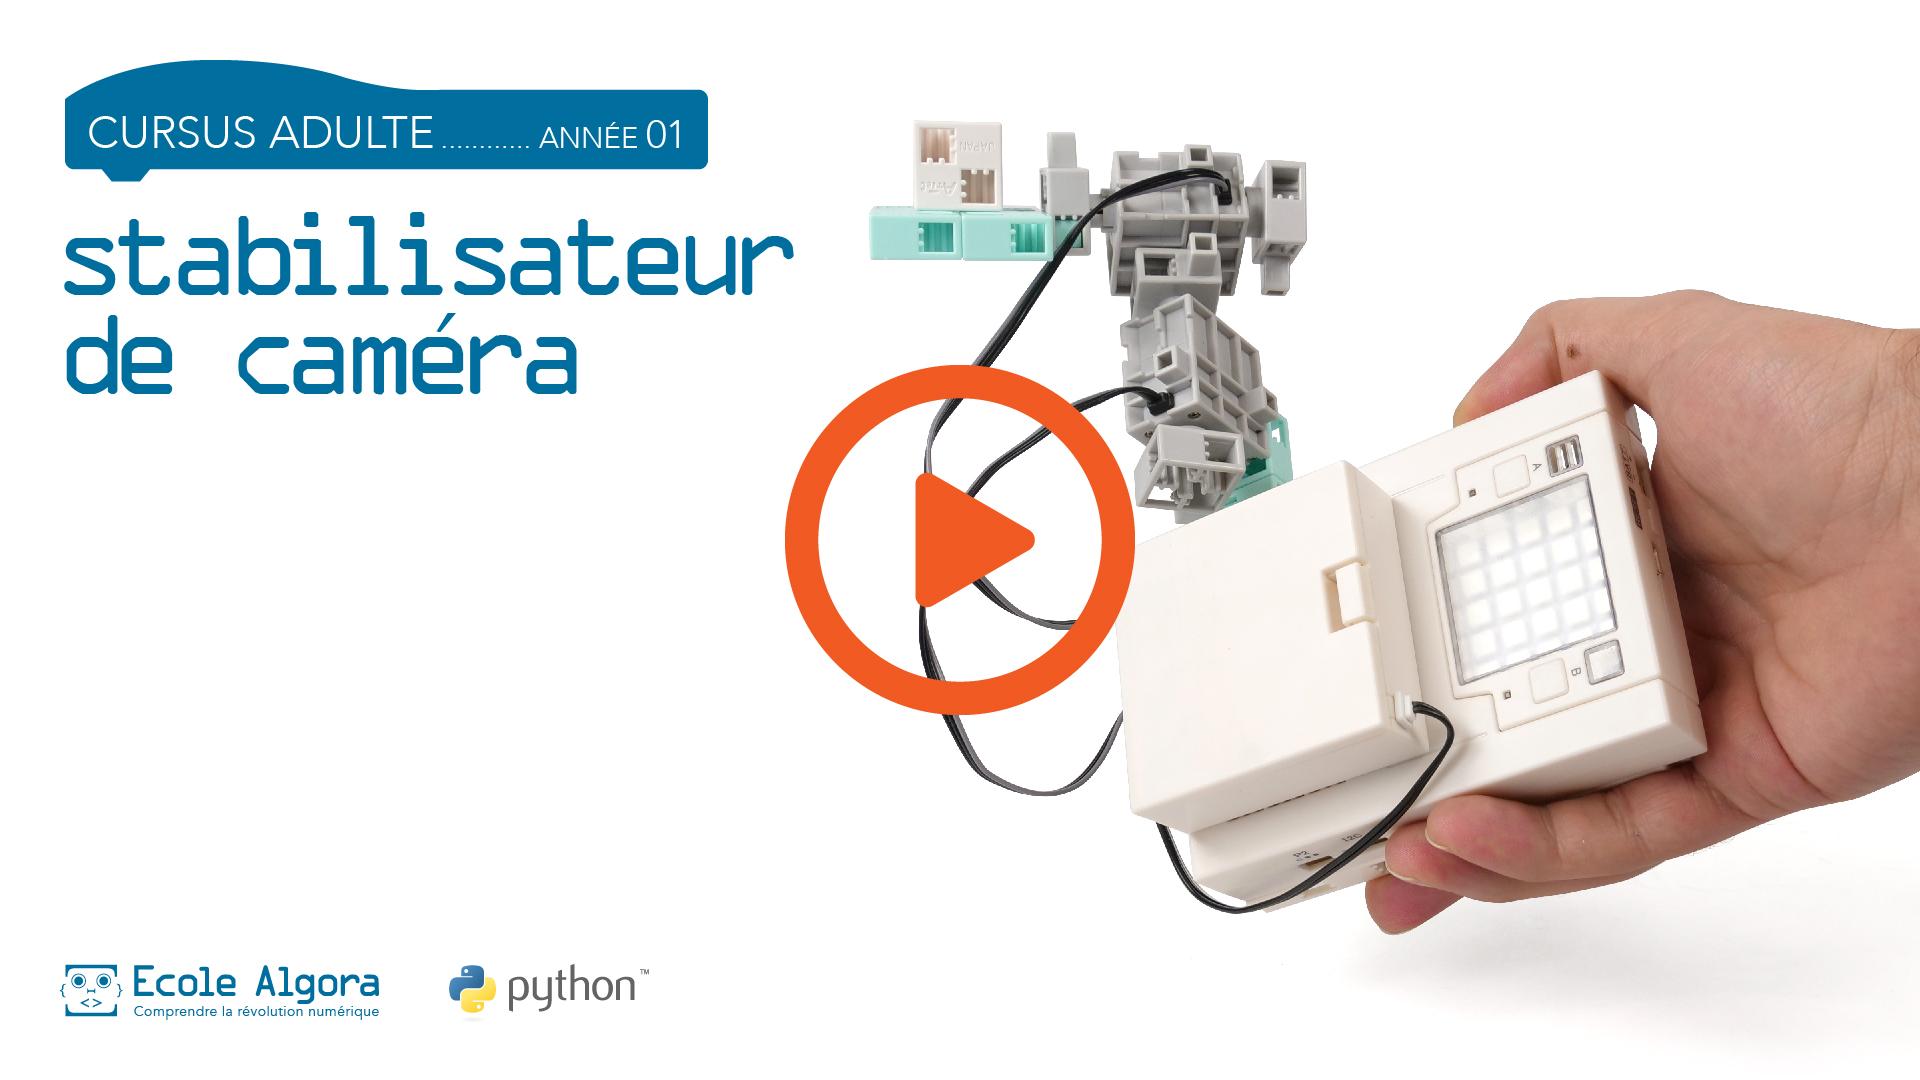 vidéo du robot programmé en Python dans le cours adulte n°6